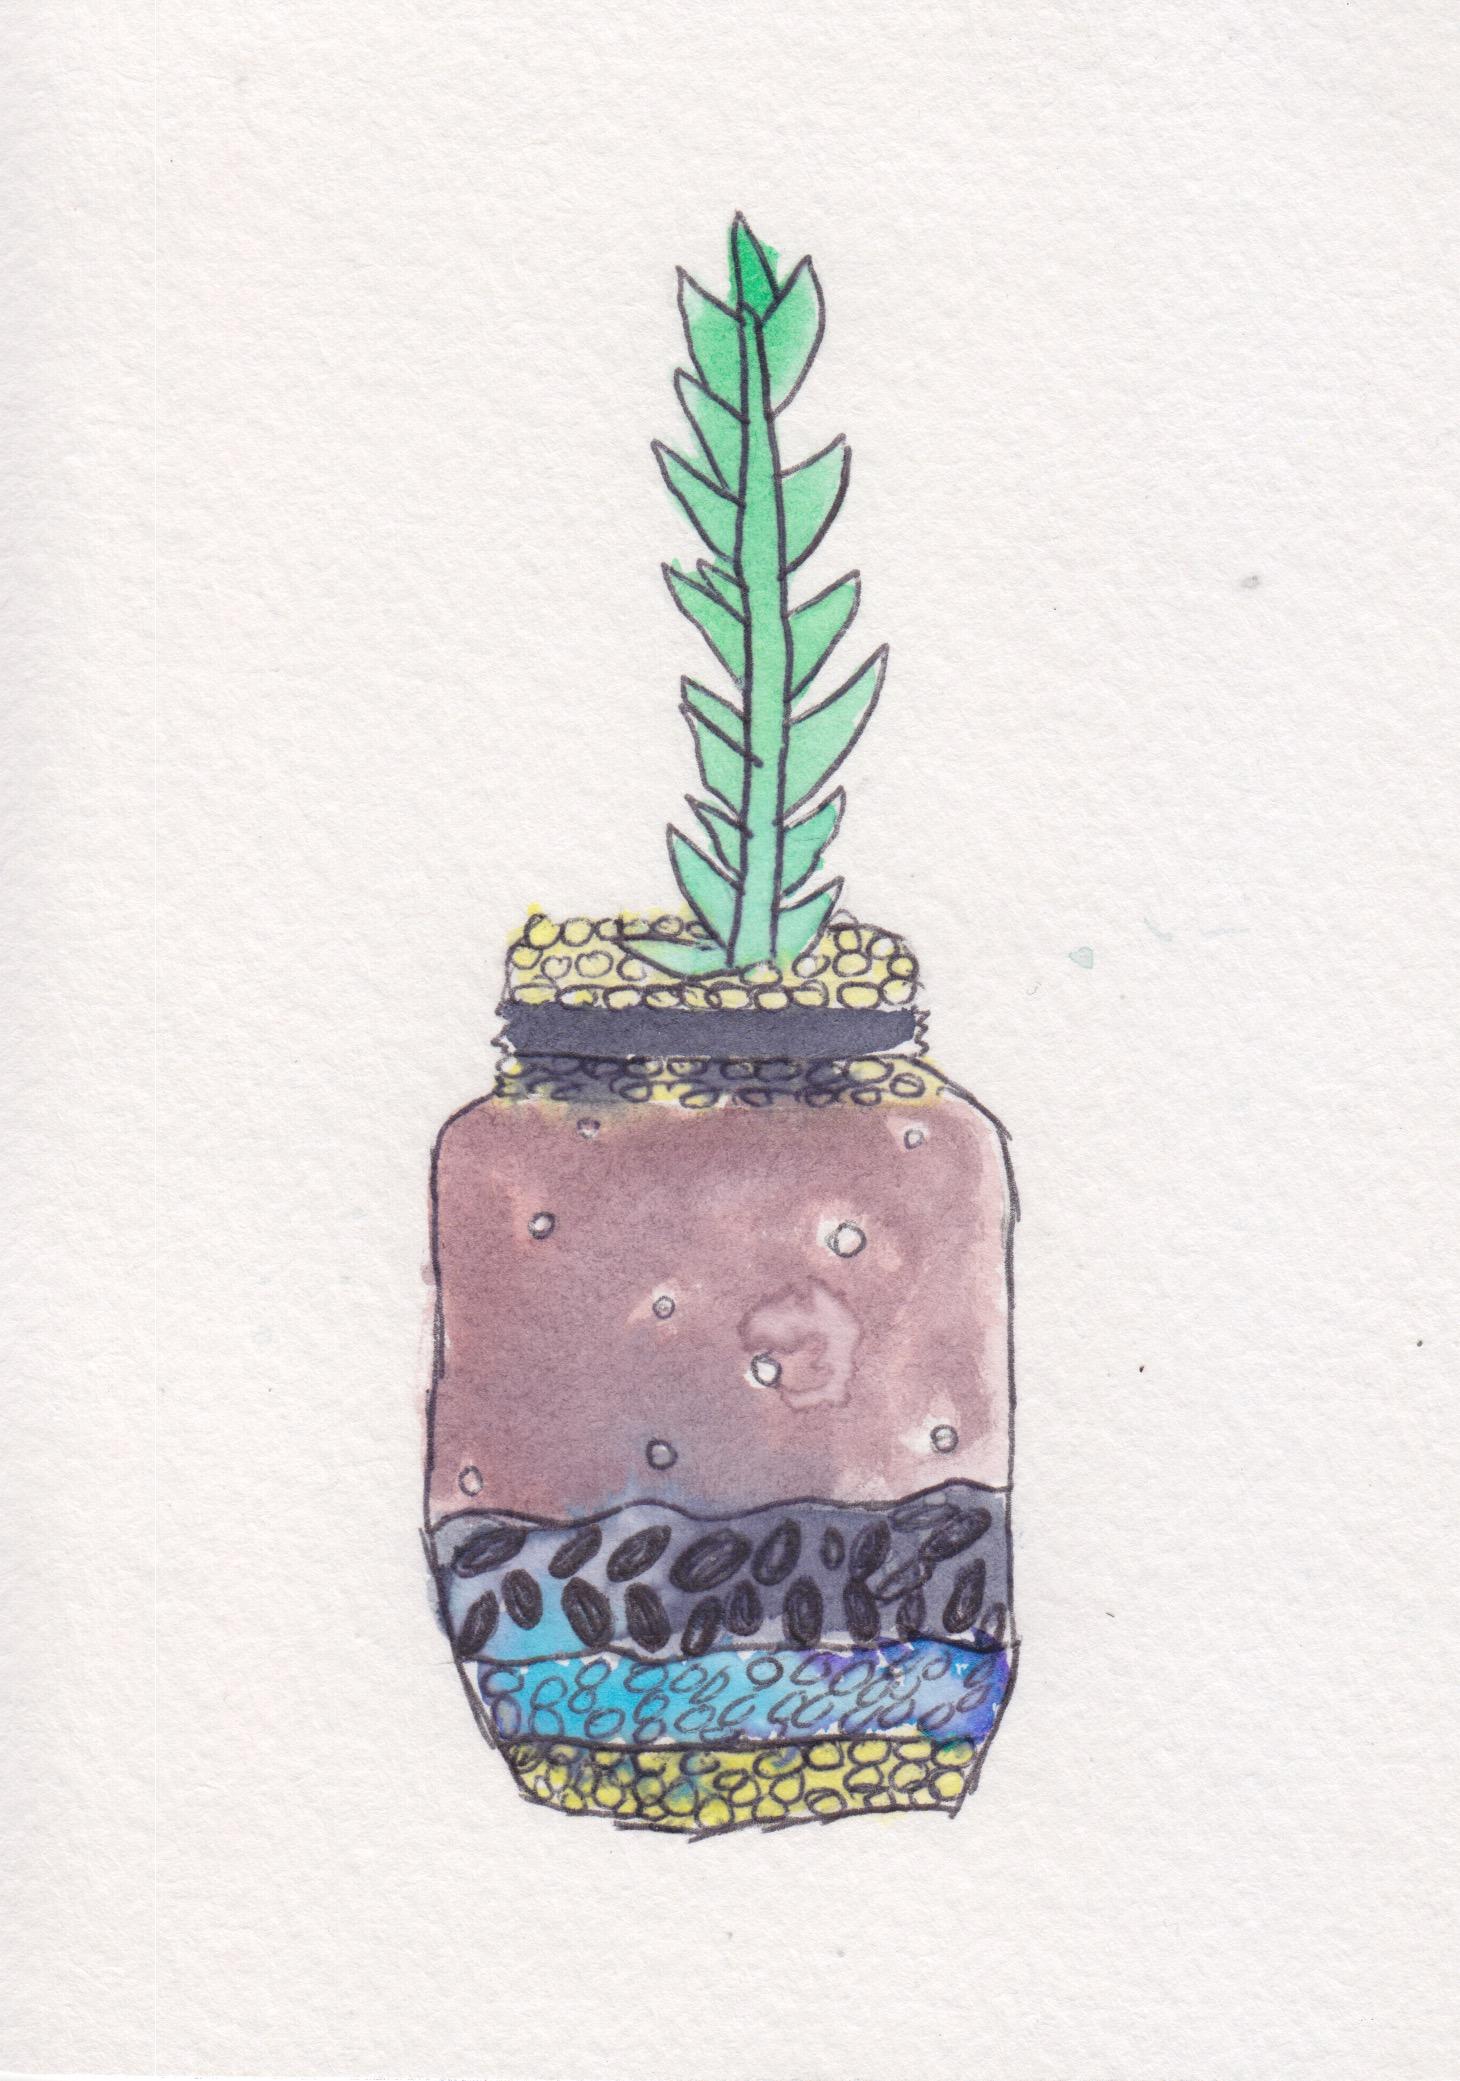 centro_watercolor terrarium_NicoleSaez02.jpeg